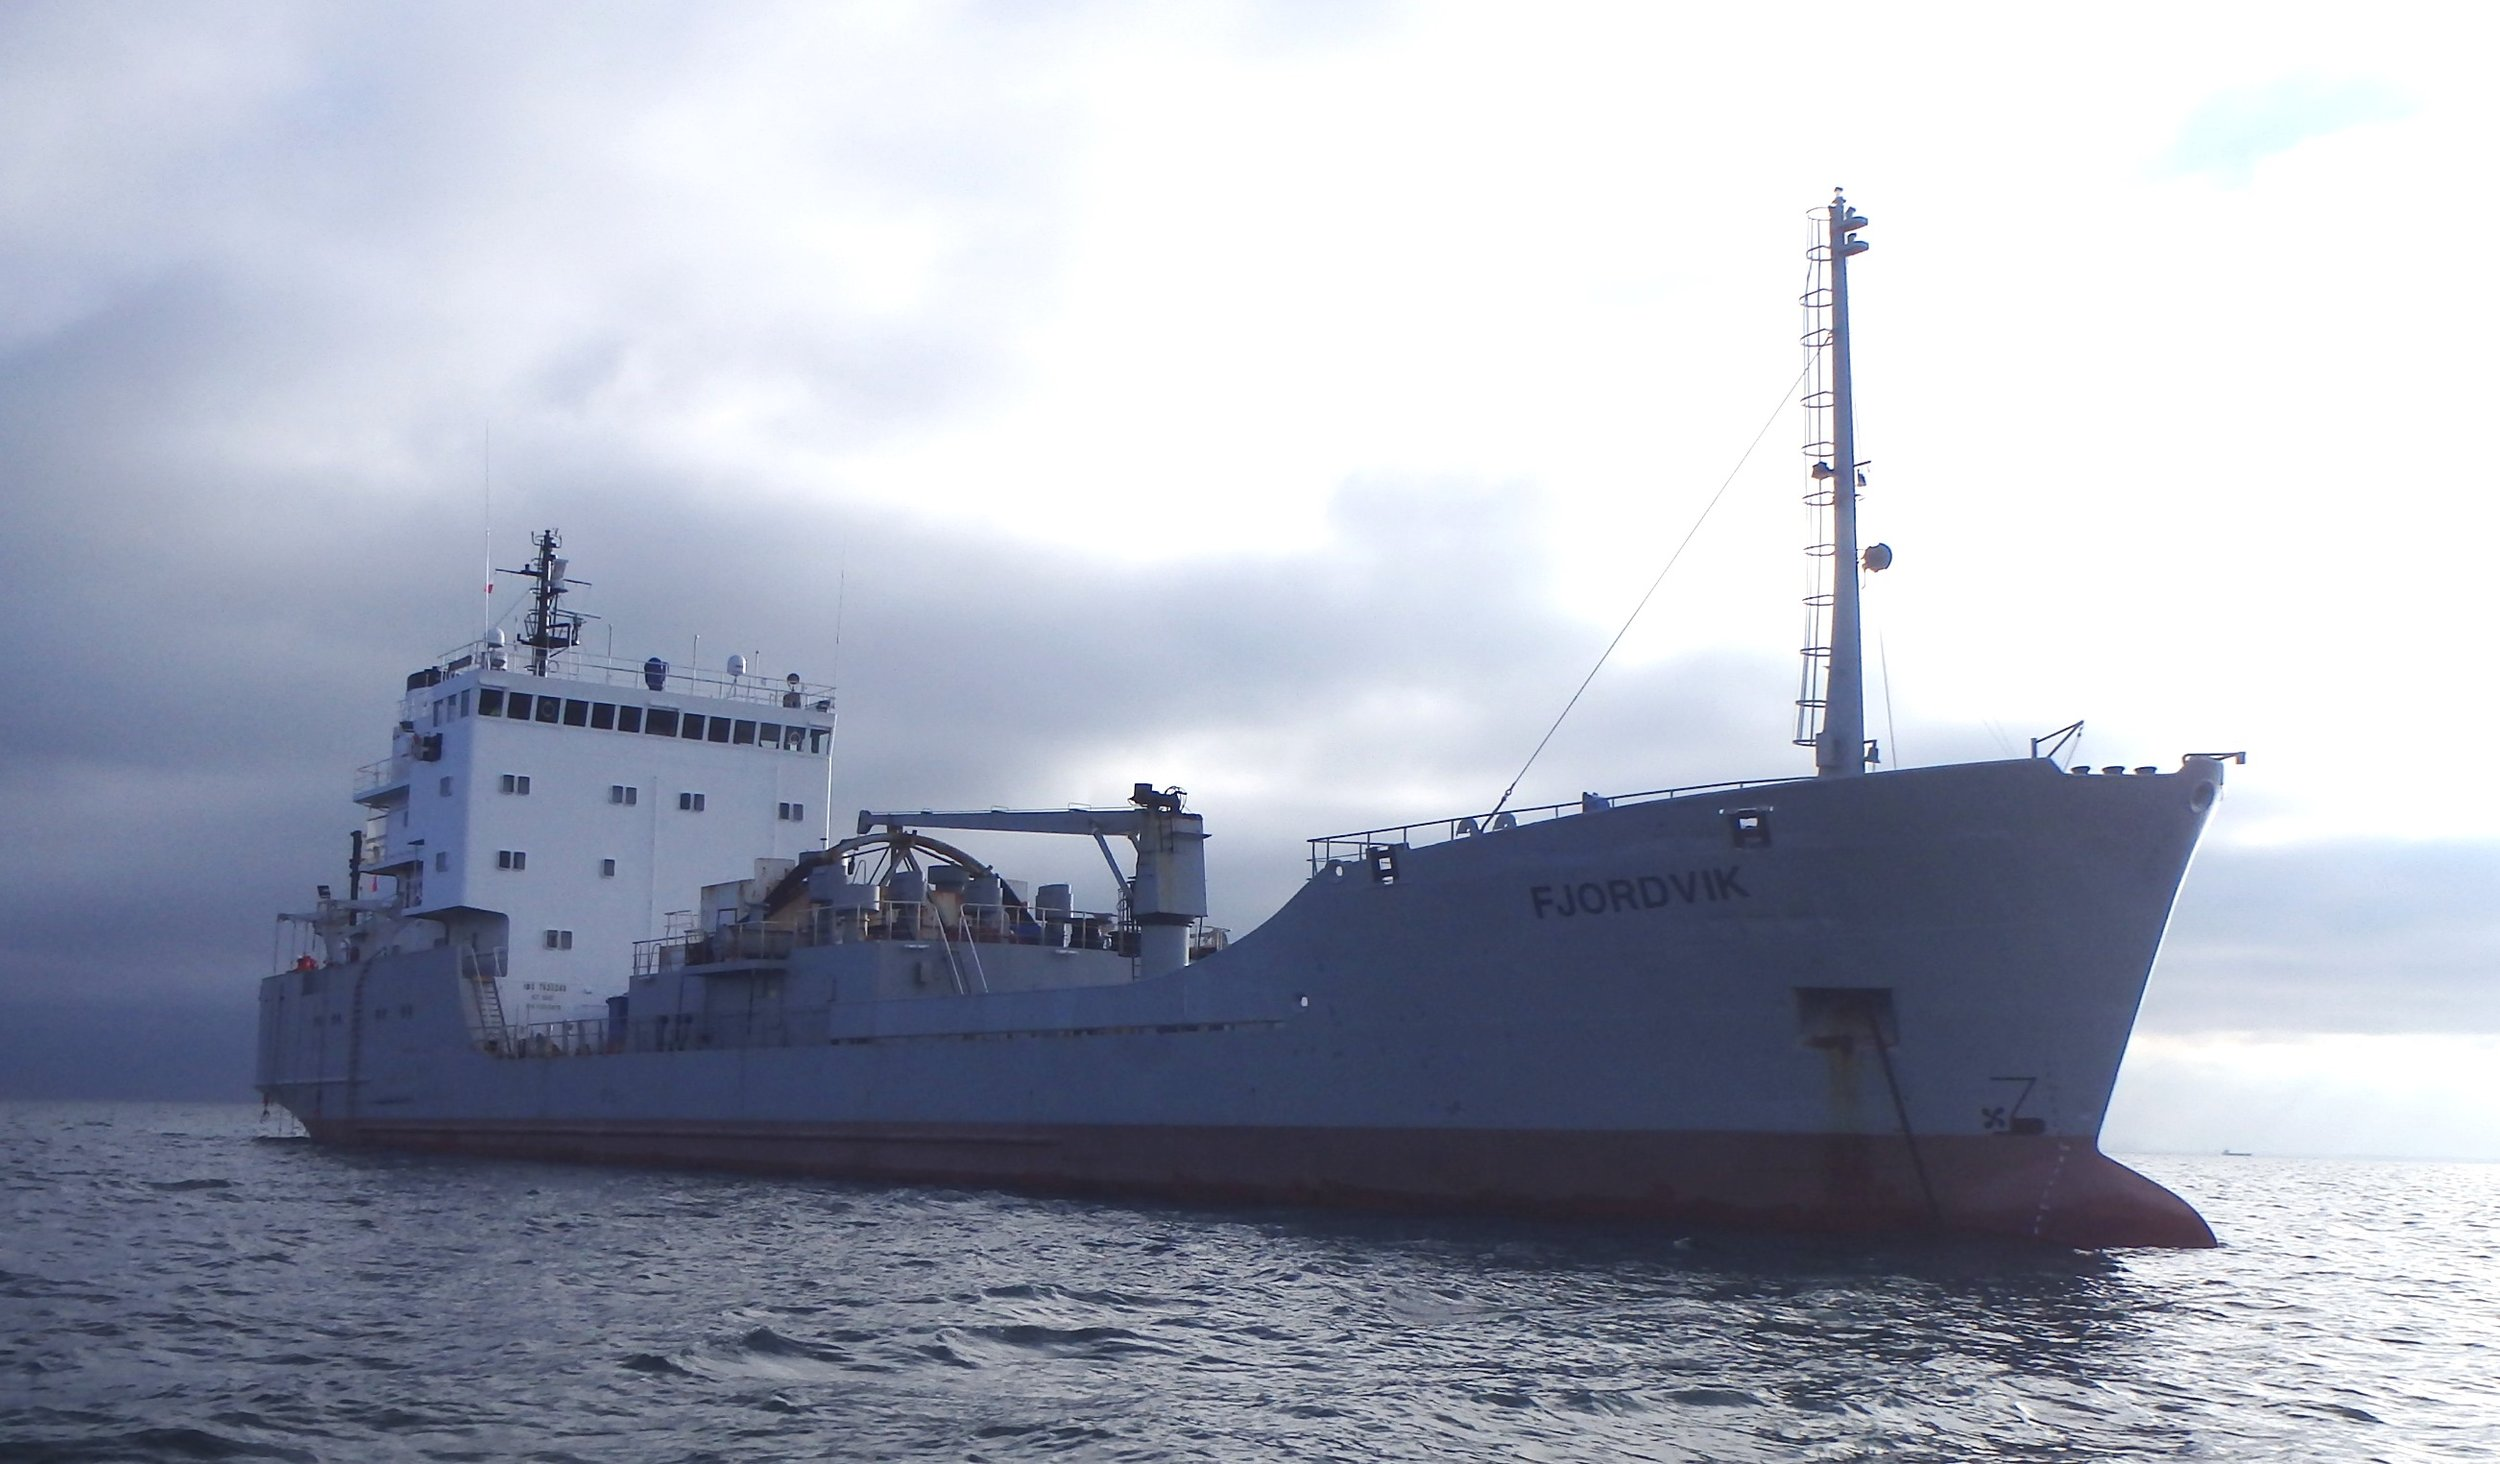 FJORDVIK at anchor - photo.jpg